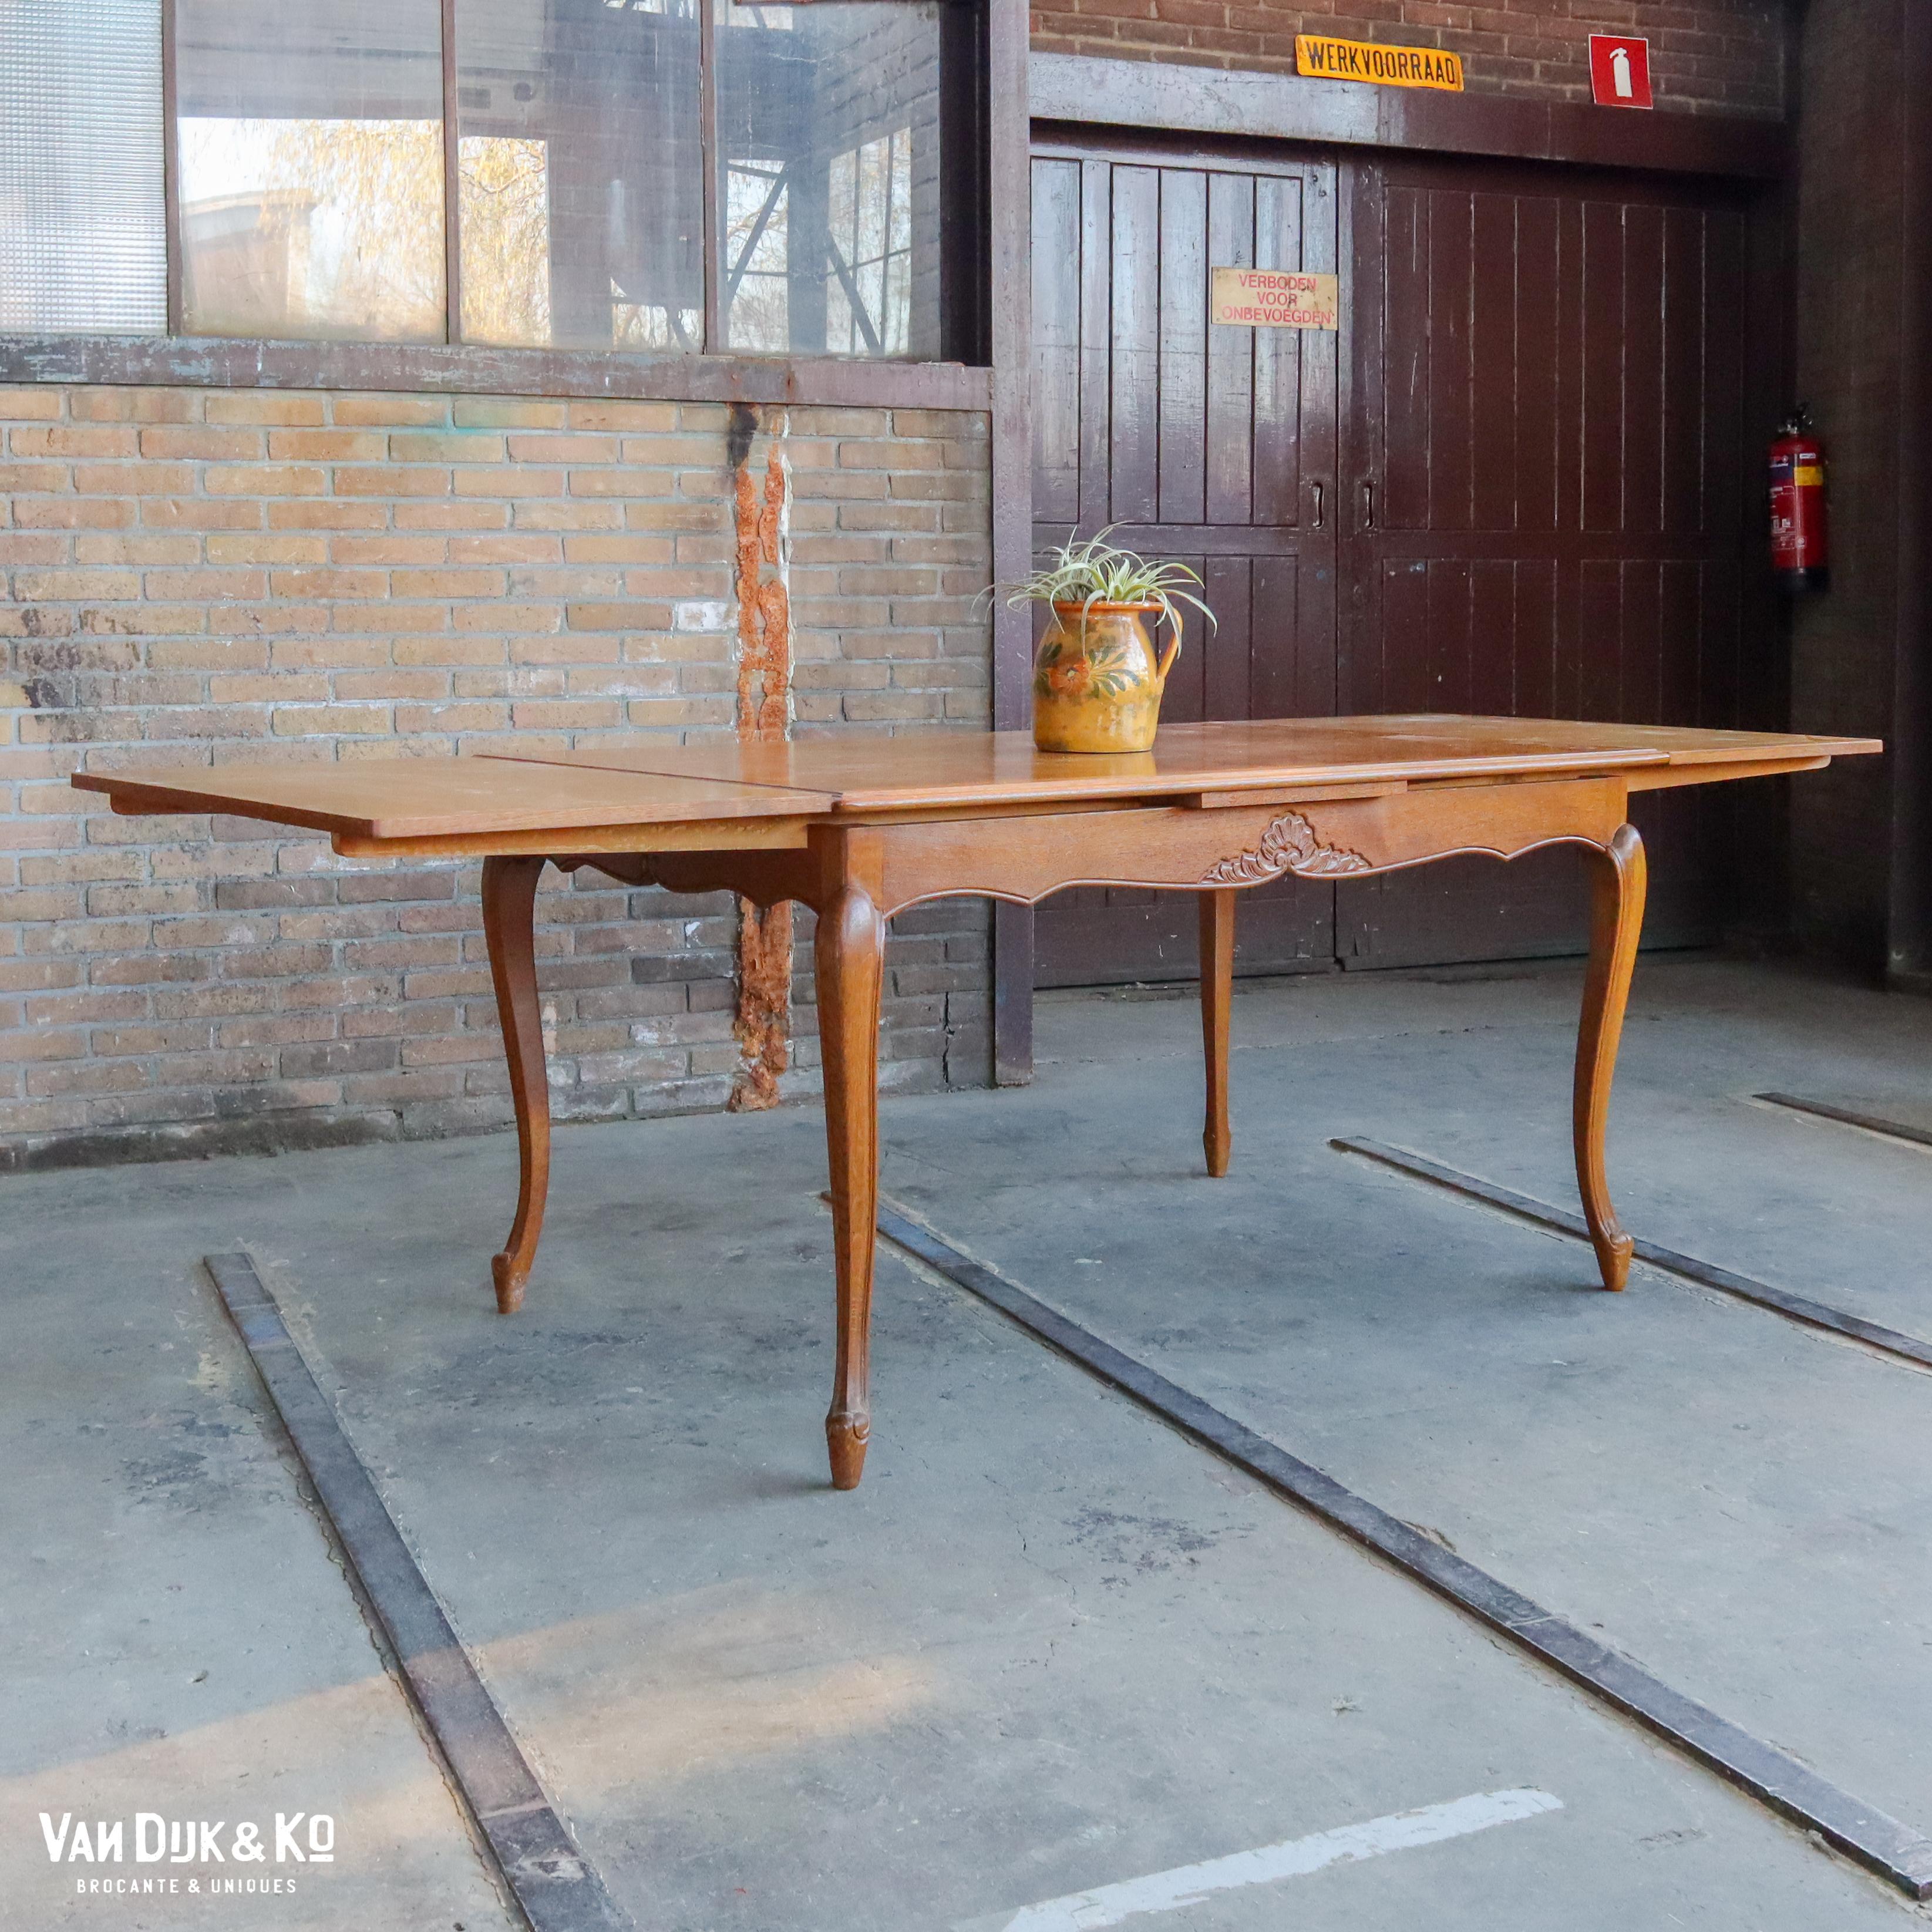 Vintage uitschuifbare tafel